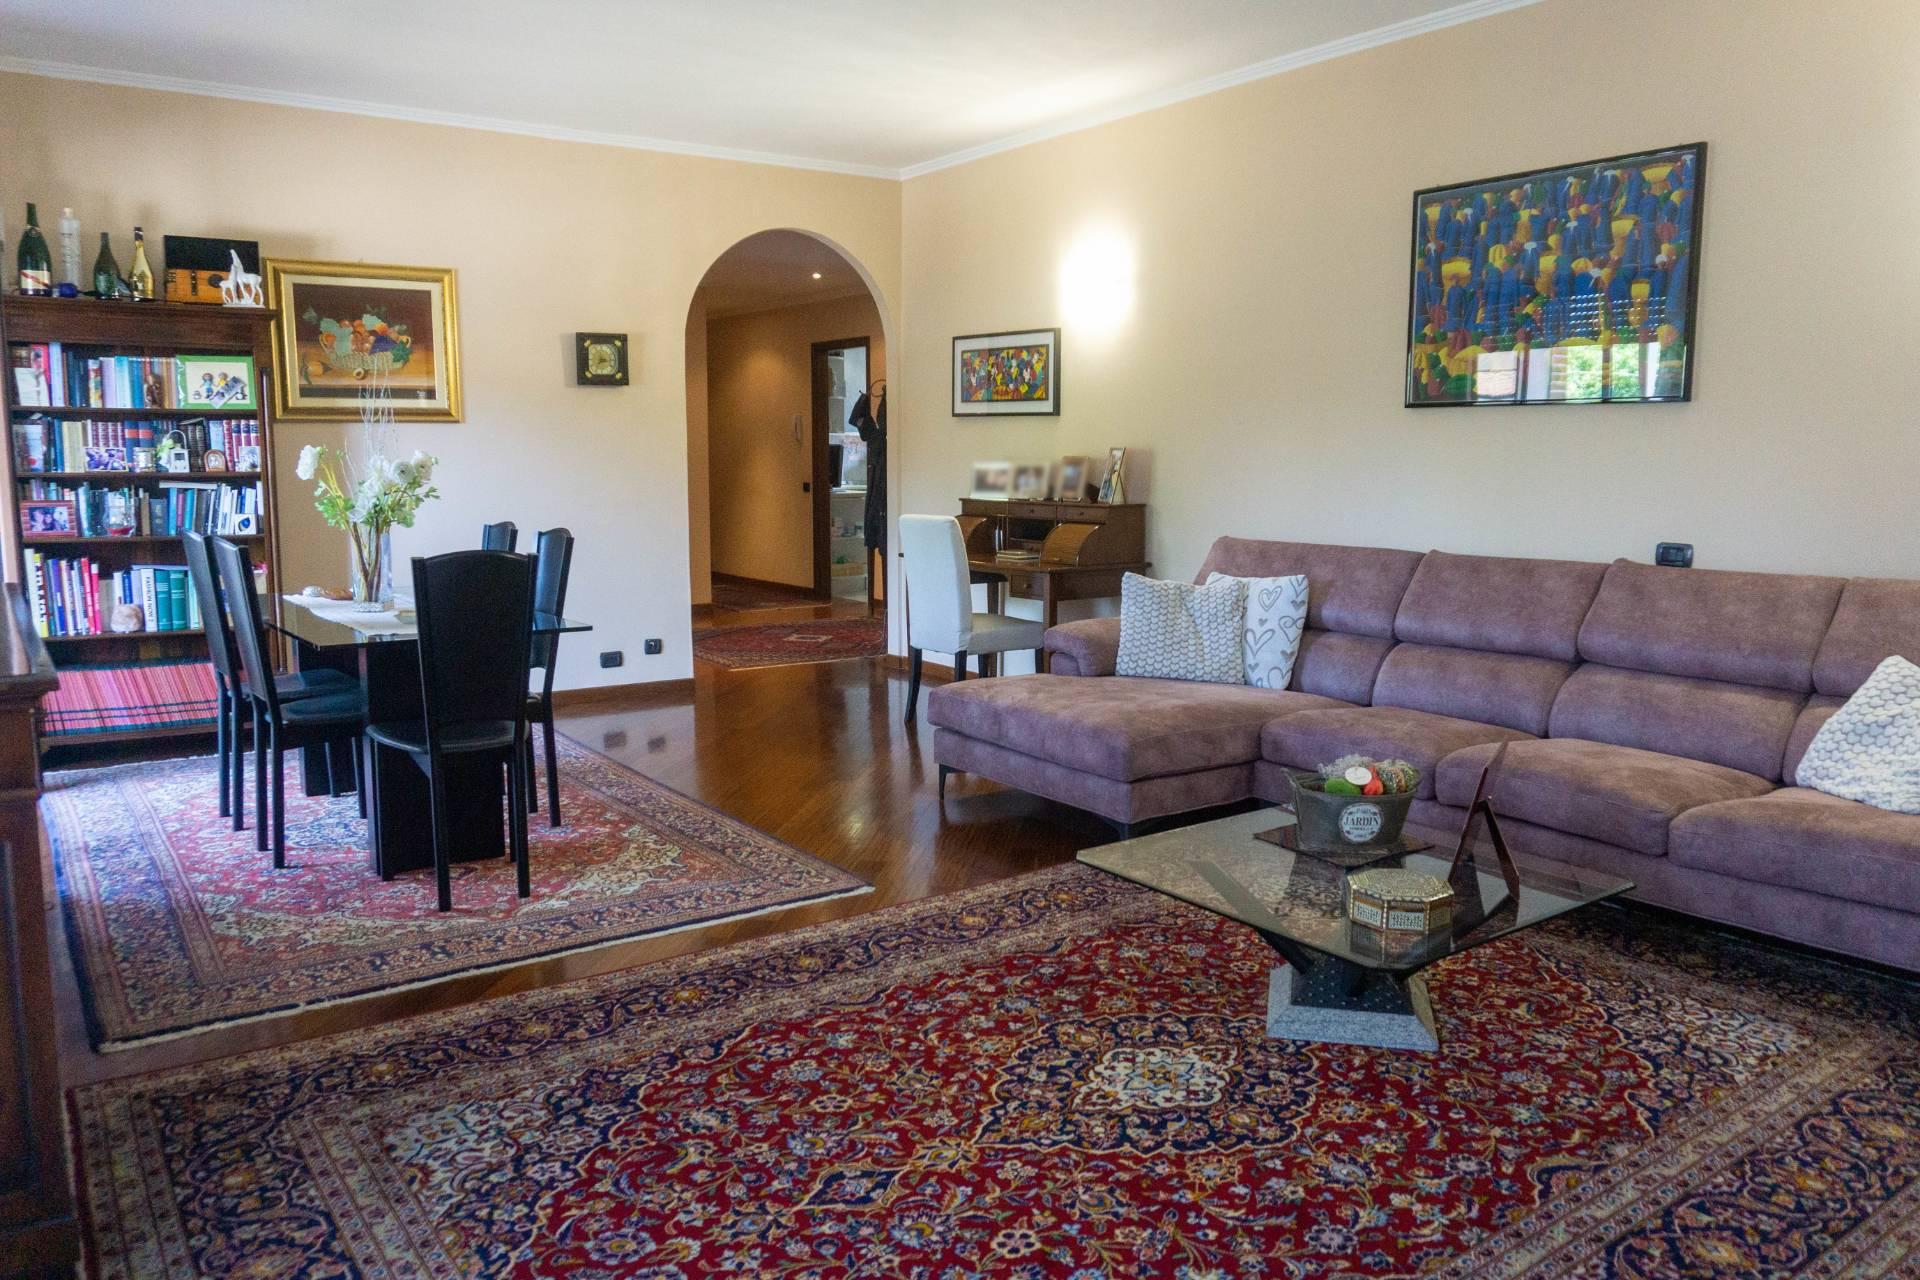 Appartamento in vendita a Cinisello Balsamo, 4 locali, zona sello, prezzo € 249.000 | PortaleAgenzieImmobiliari.it